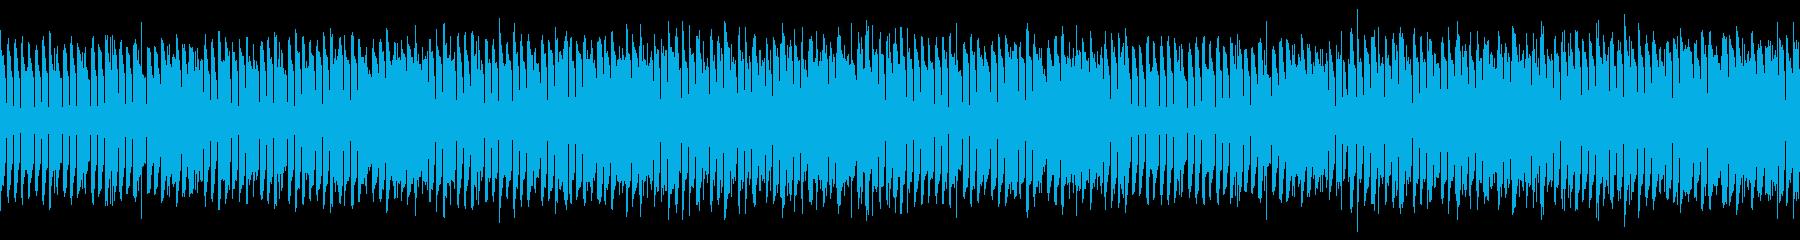 ループ 鍵盤楽器の緊張感あるミニマルの再生済みの波形